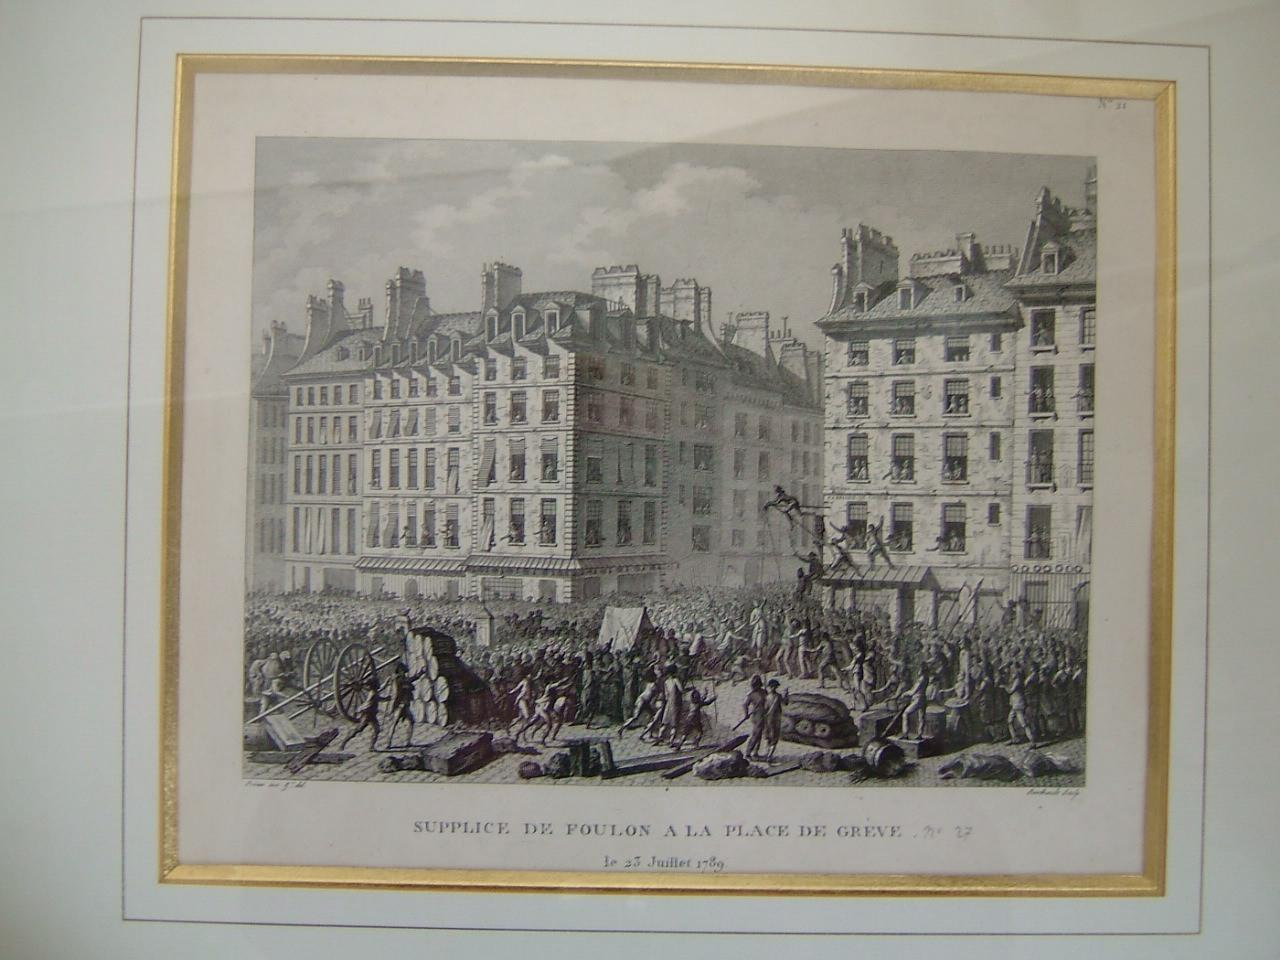 PRIEUR Jean Louis le Jeune (dessinateur), BERTHAULT Pierre Gabriel (graveur) : Supplice de Foulon à la place de Grève le 23 juillet 1789 (Série d'évènements révolutionnaires)